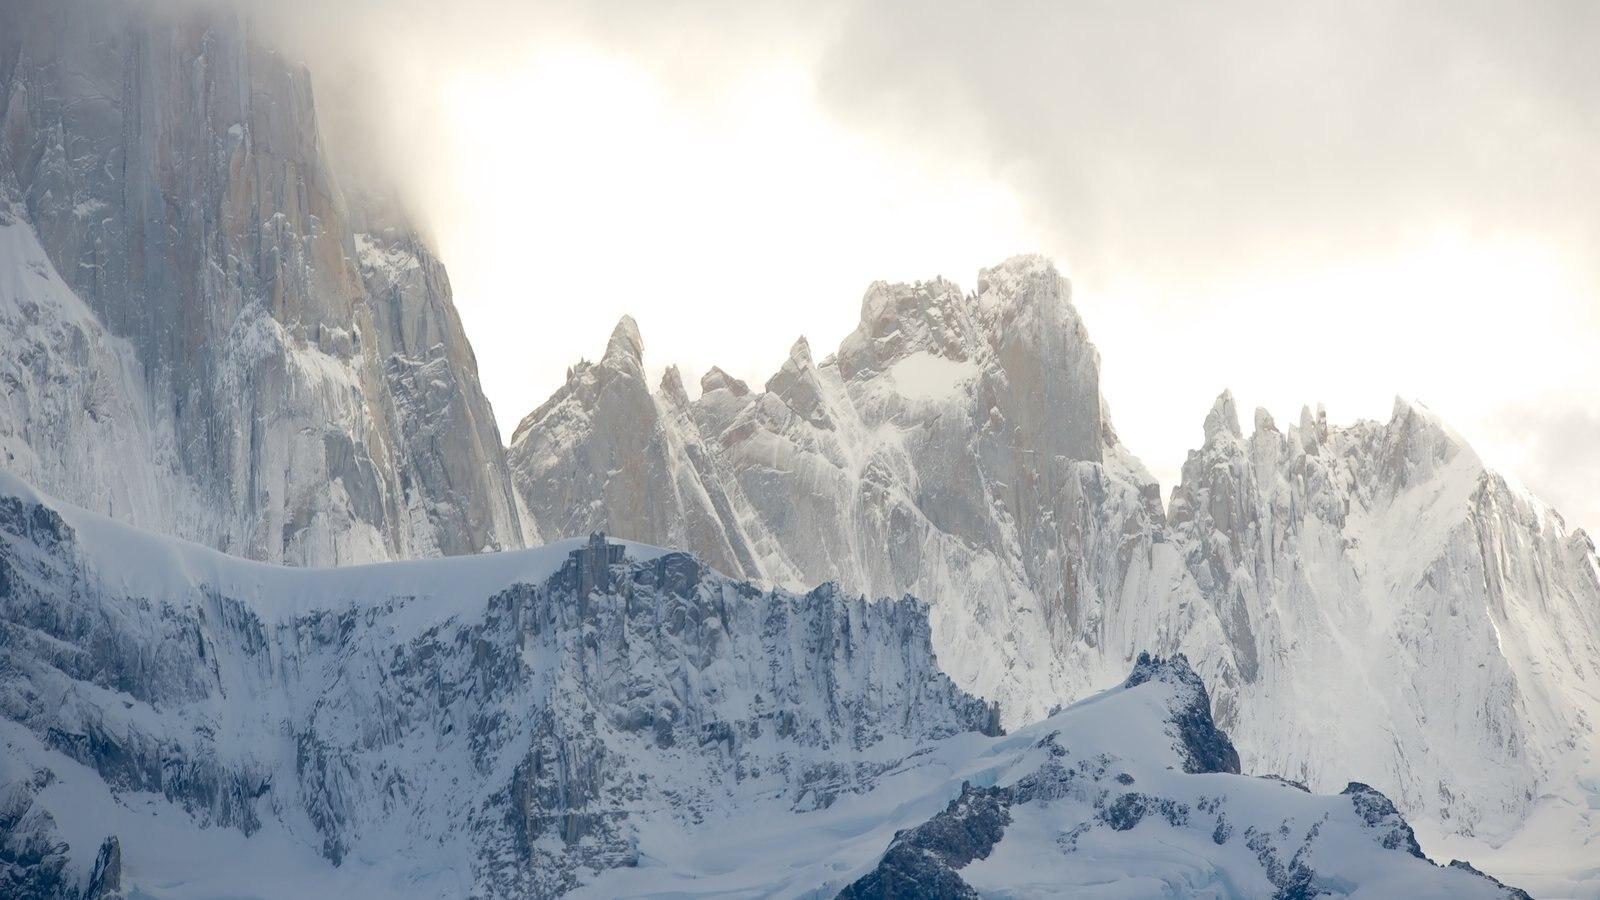 Parque Nacional Los Glaciares que inclui neve, neblina e montanhas